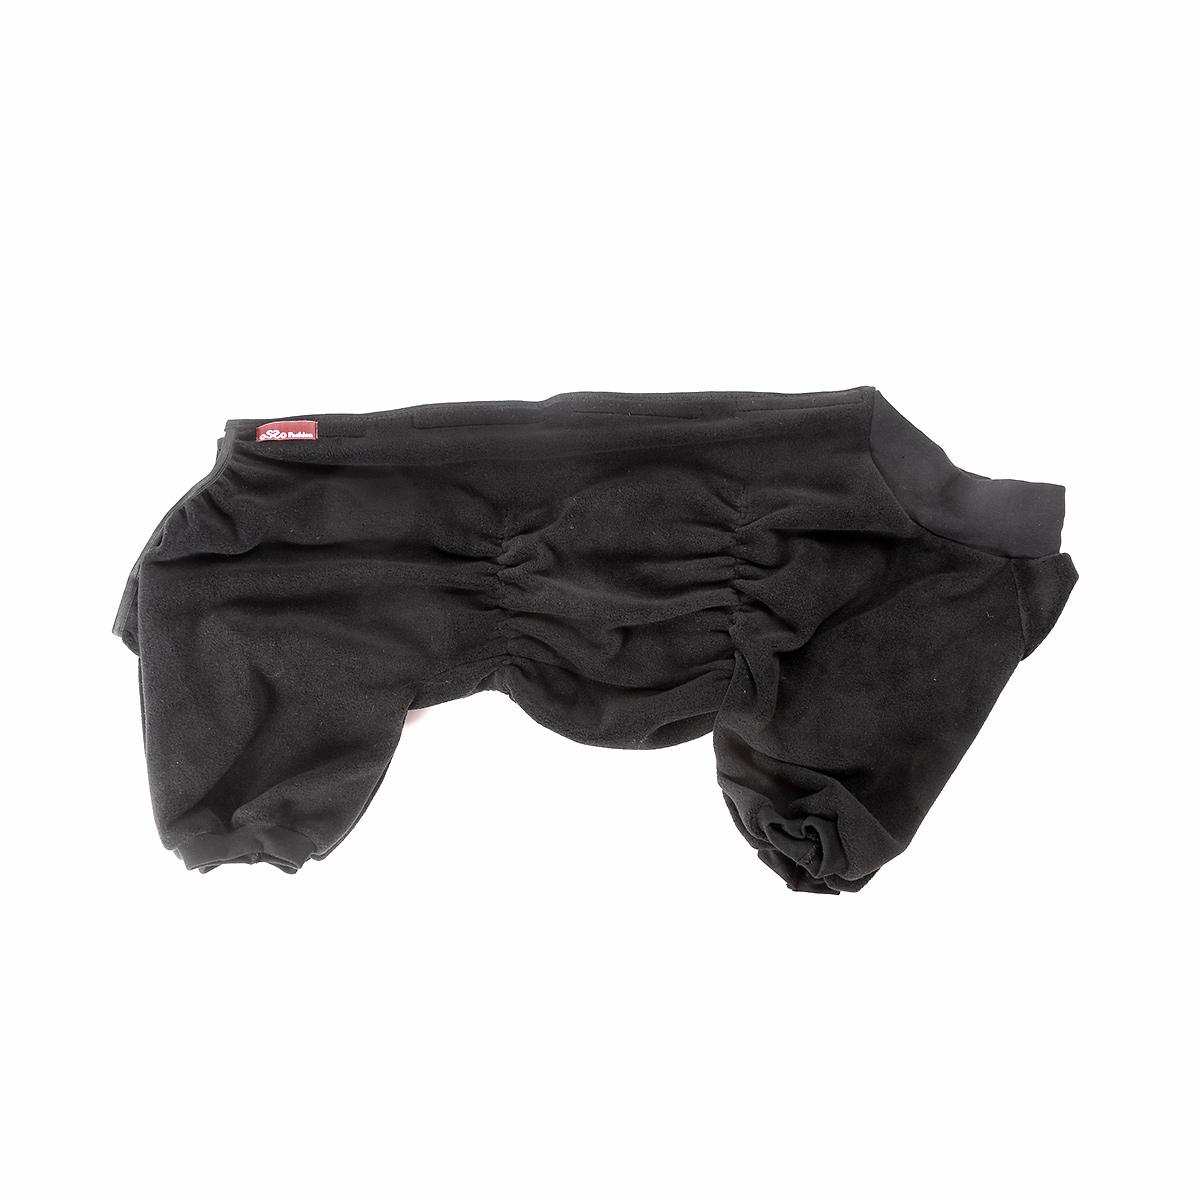 Комбинезон для собак Osso Fashion, для мальчика, цвет: графит. Размер 37 комбинезон для собак osso fashion для мальчика цвет черный размер 55